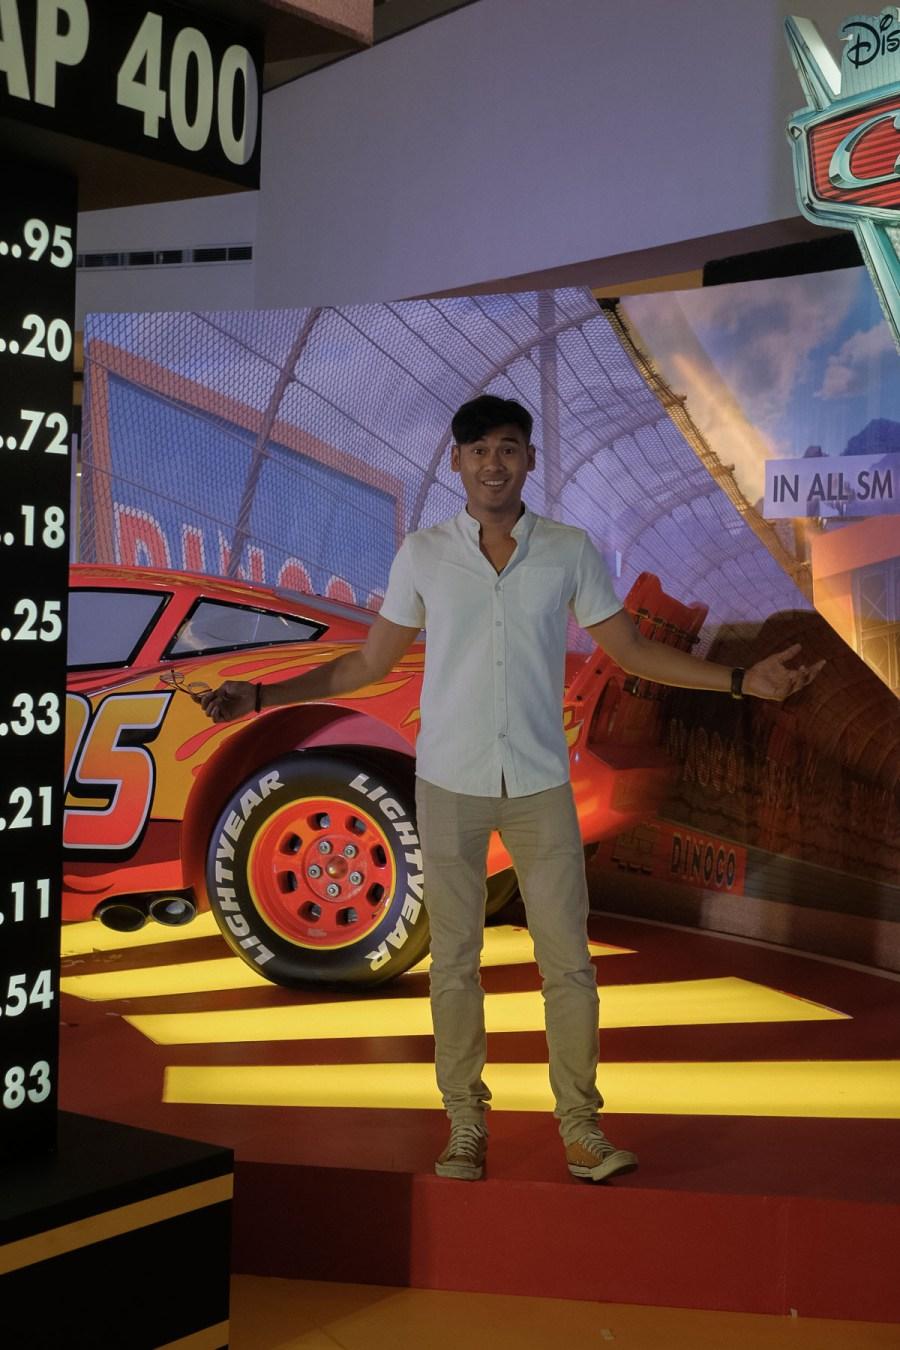 CARS 3 BY PIXAR SM CINEMA (1 of 4)